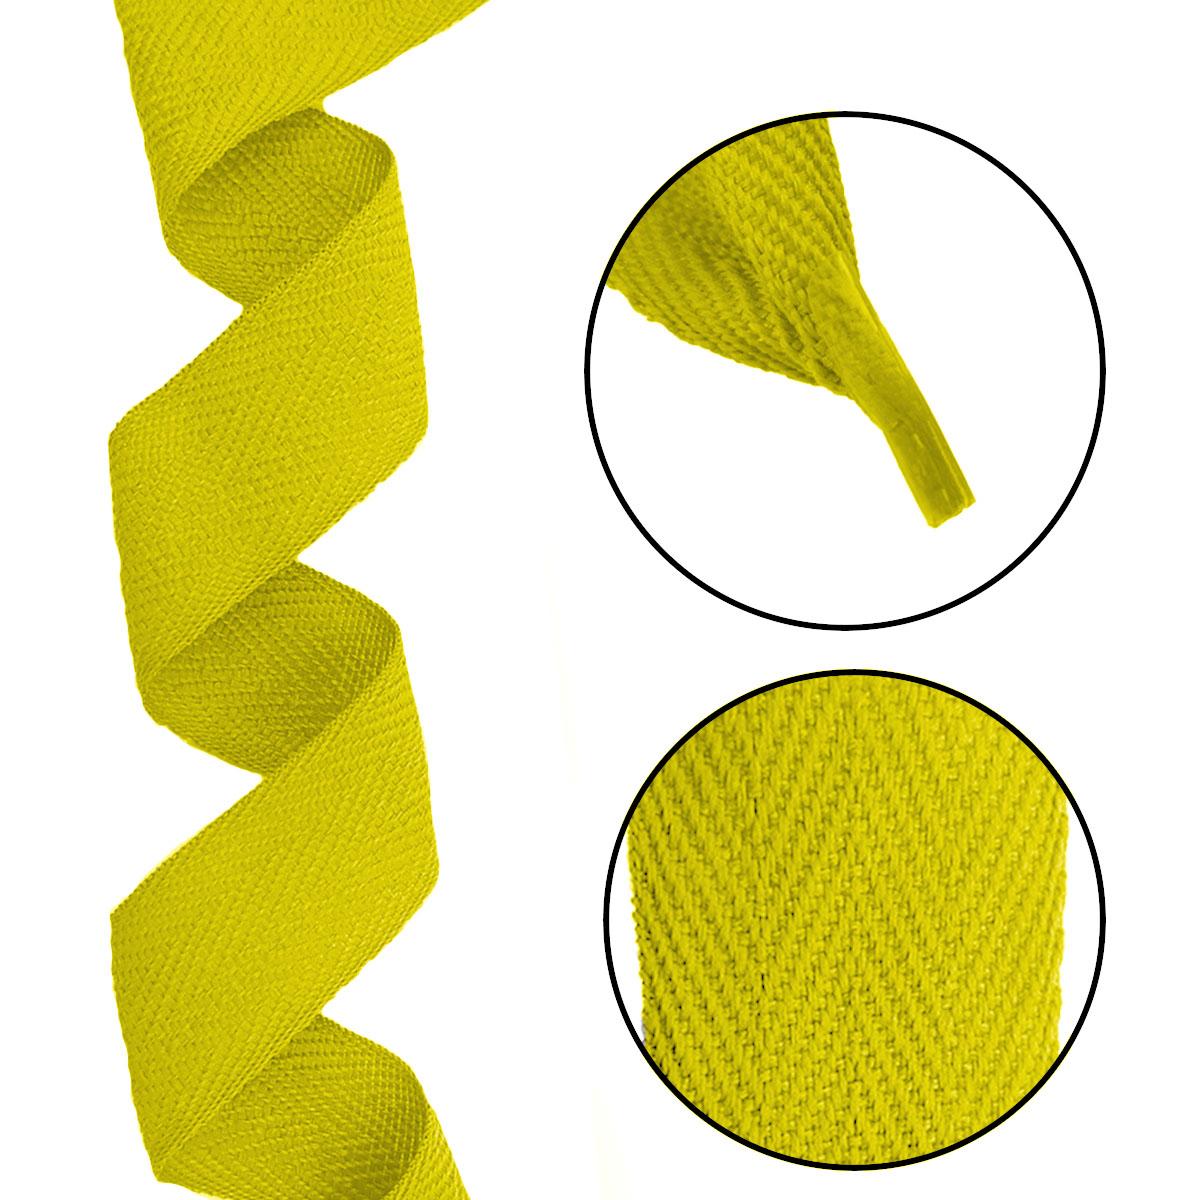 Alça Gorgurão (Escama) 25mm x 45 cm - Com Ponteira de Acetato Cristal (100 unidades)